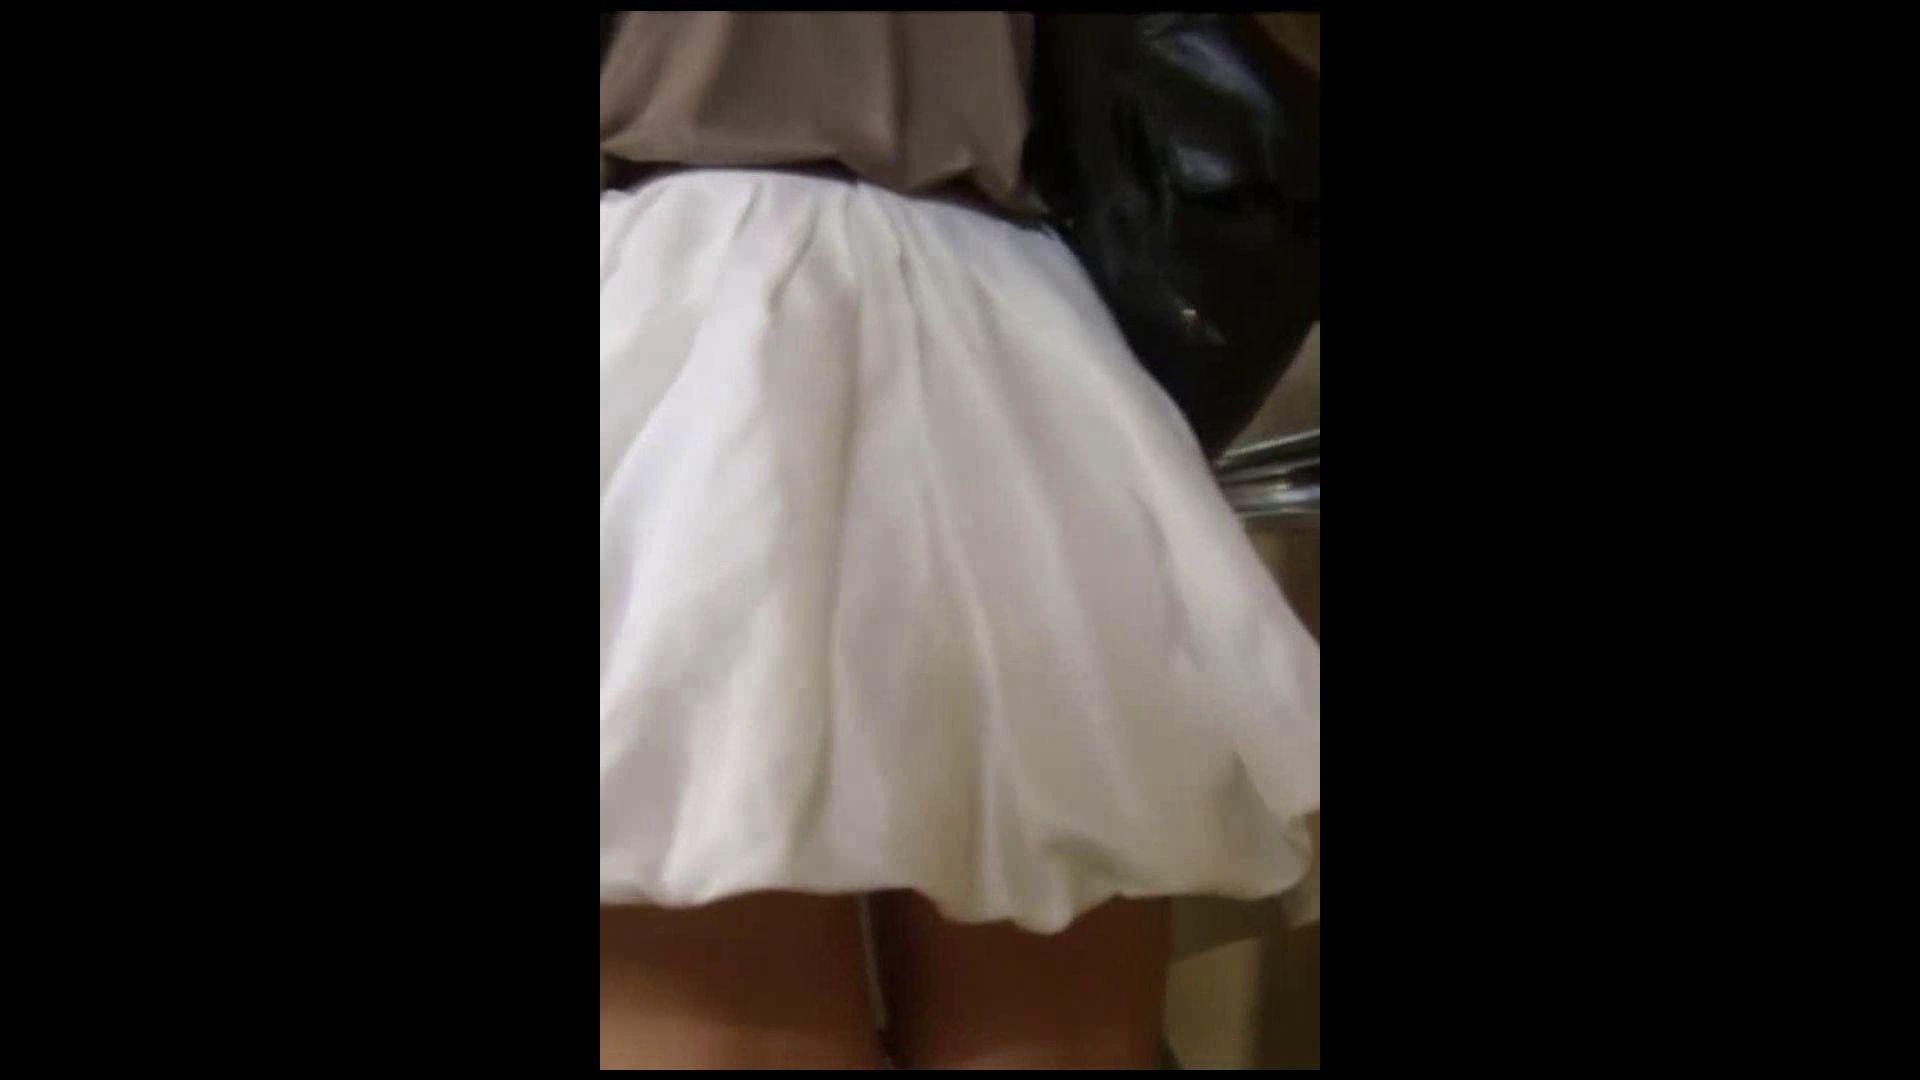 綺麗なモデルさんのスカート捲っちゃおう‼vol03 Hなお姉さん  98pic 96